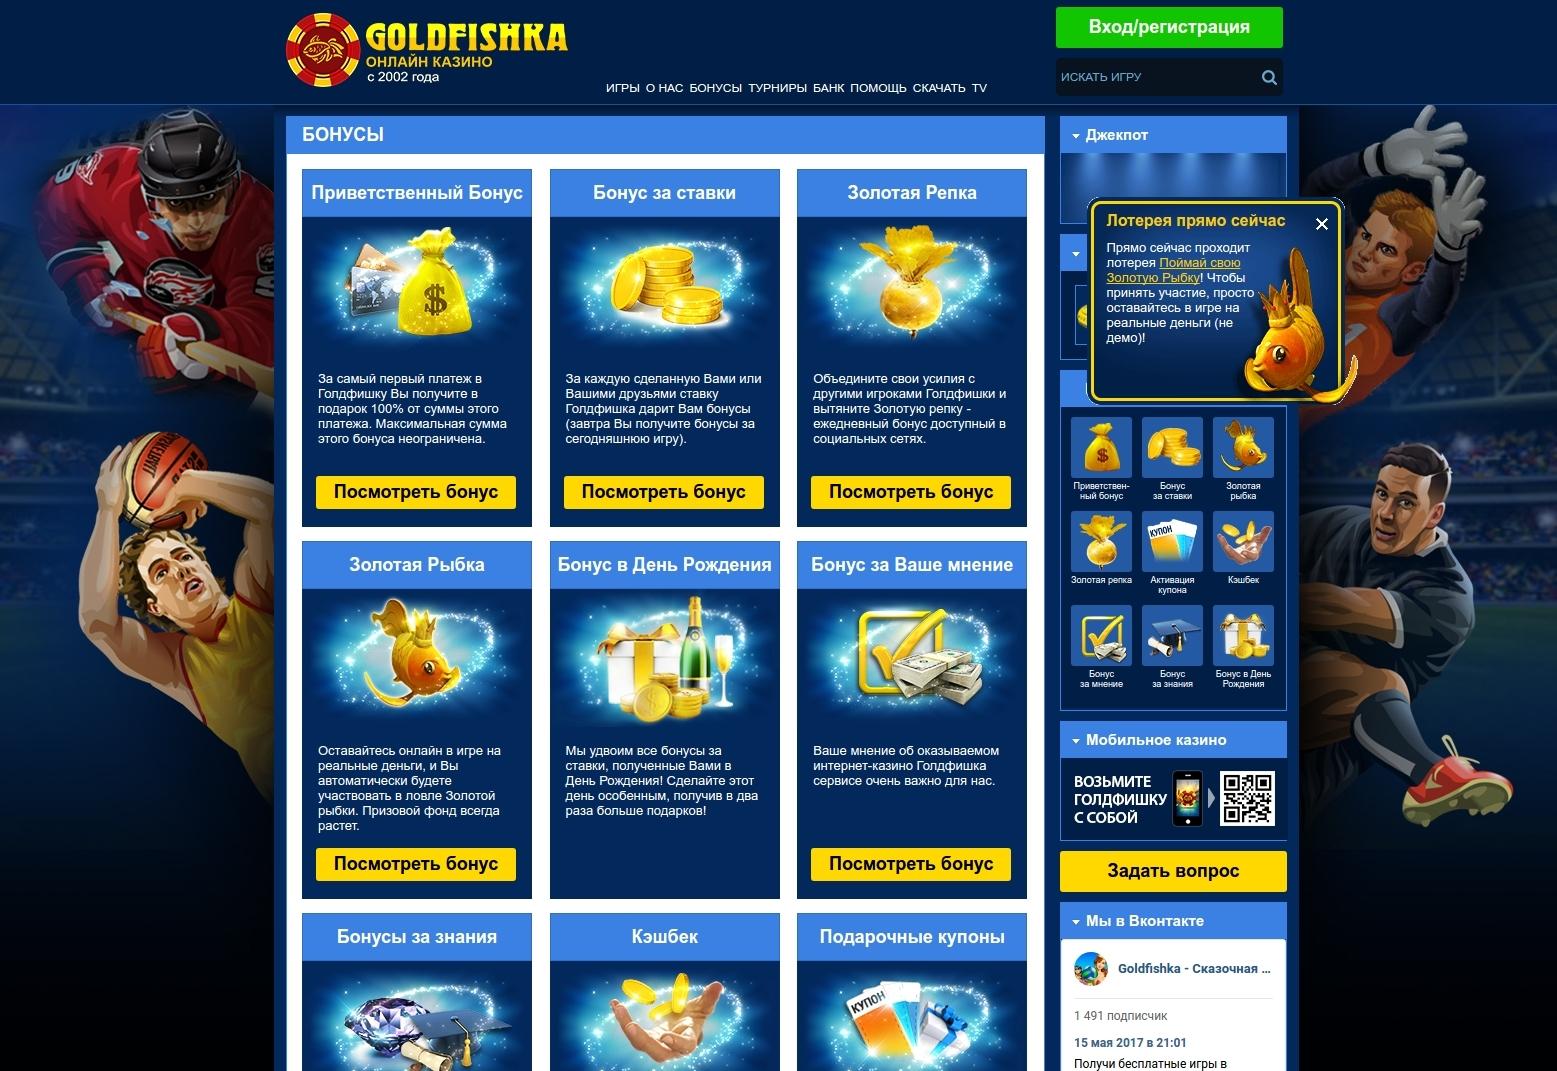 Голдфишка 7 казино онлайн официальное зеркало как играть в казино без вложений